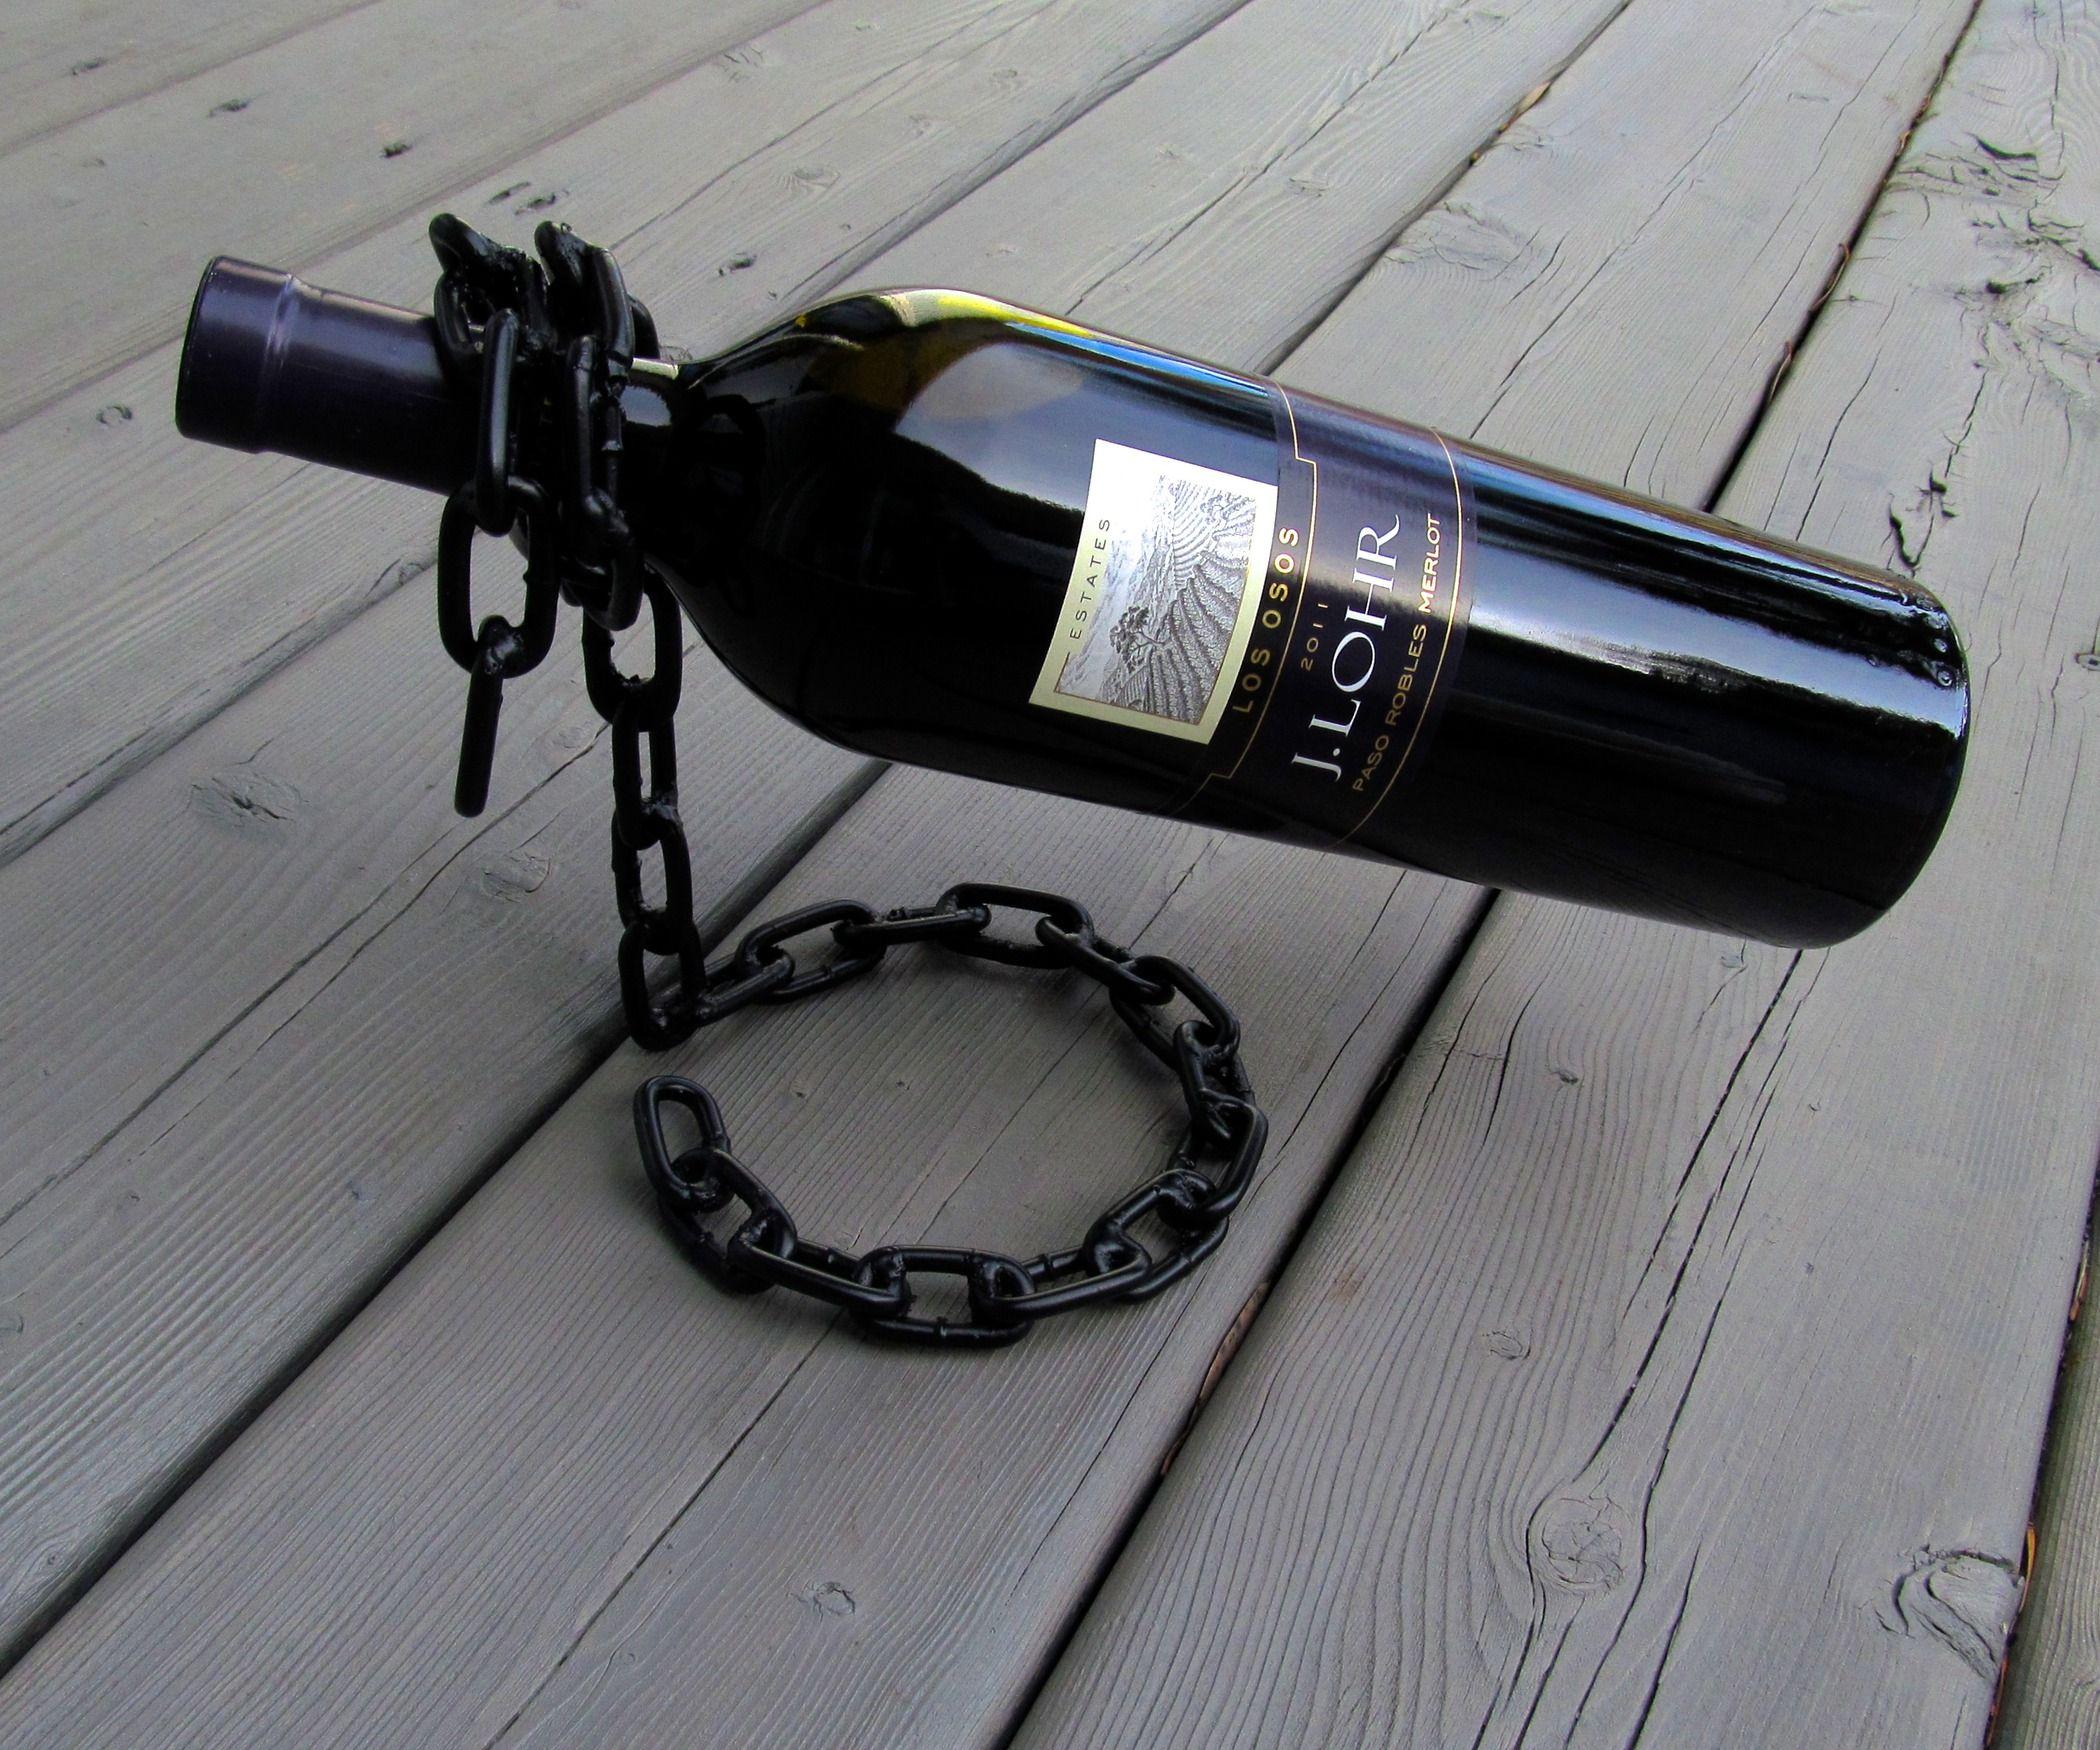 Floating Chain Wine Bottle Holder Wine Bottle Holders